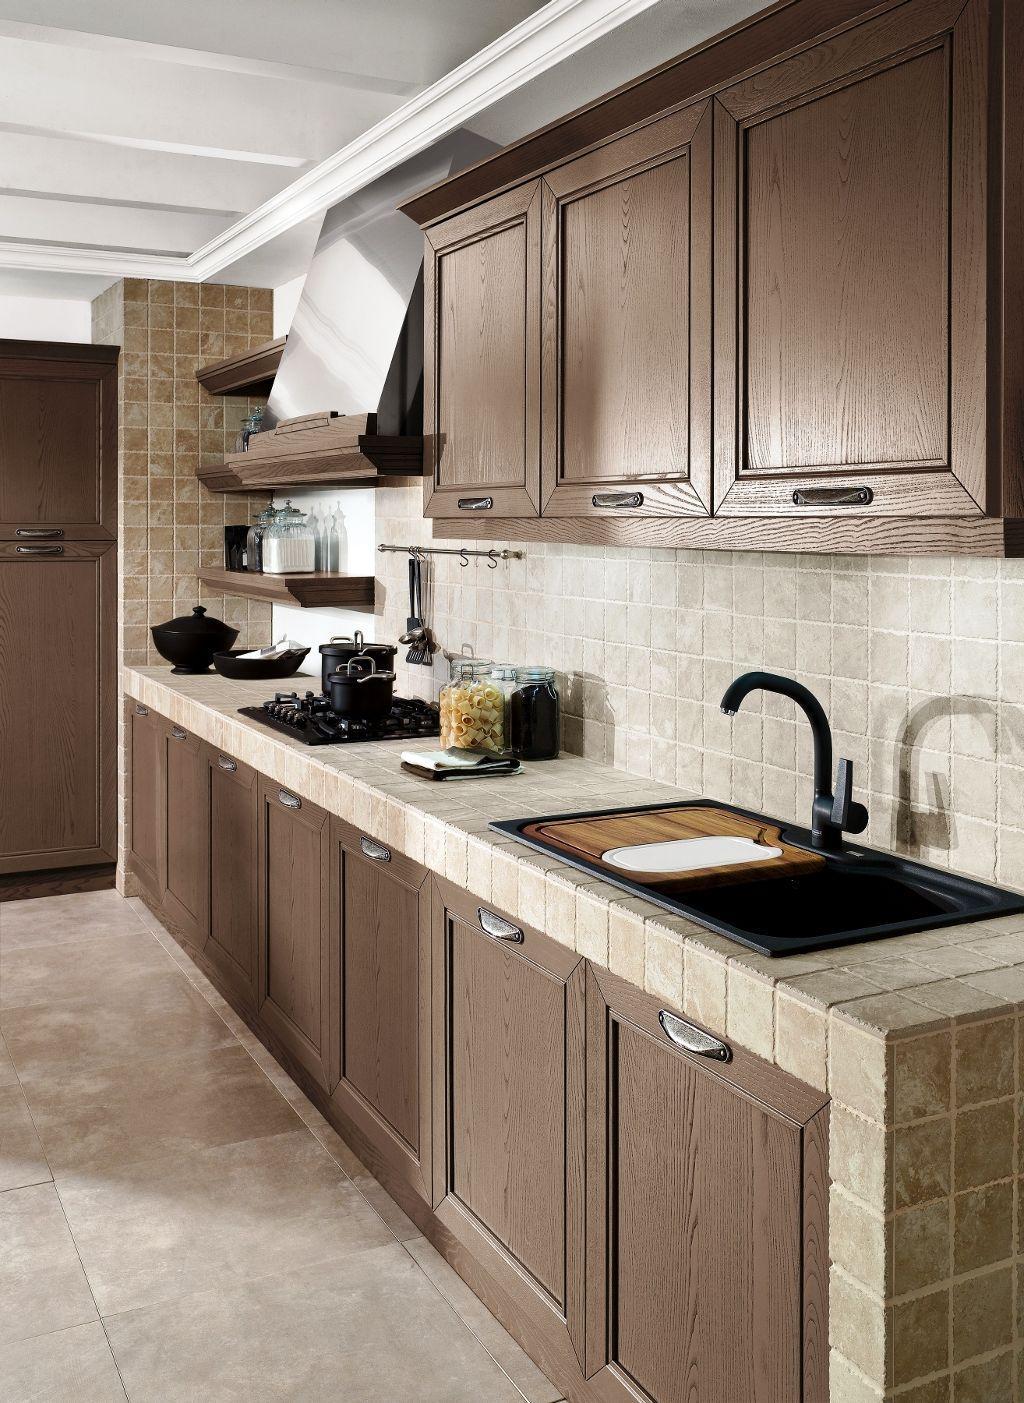 Su cocina también puede ser recubierta con azulejos de cerámica.